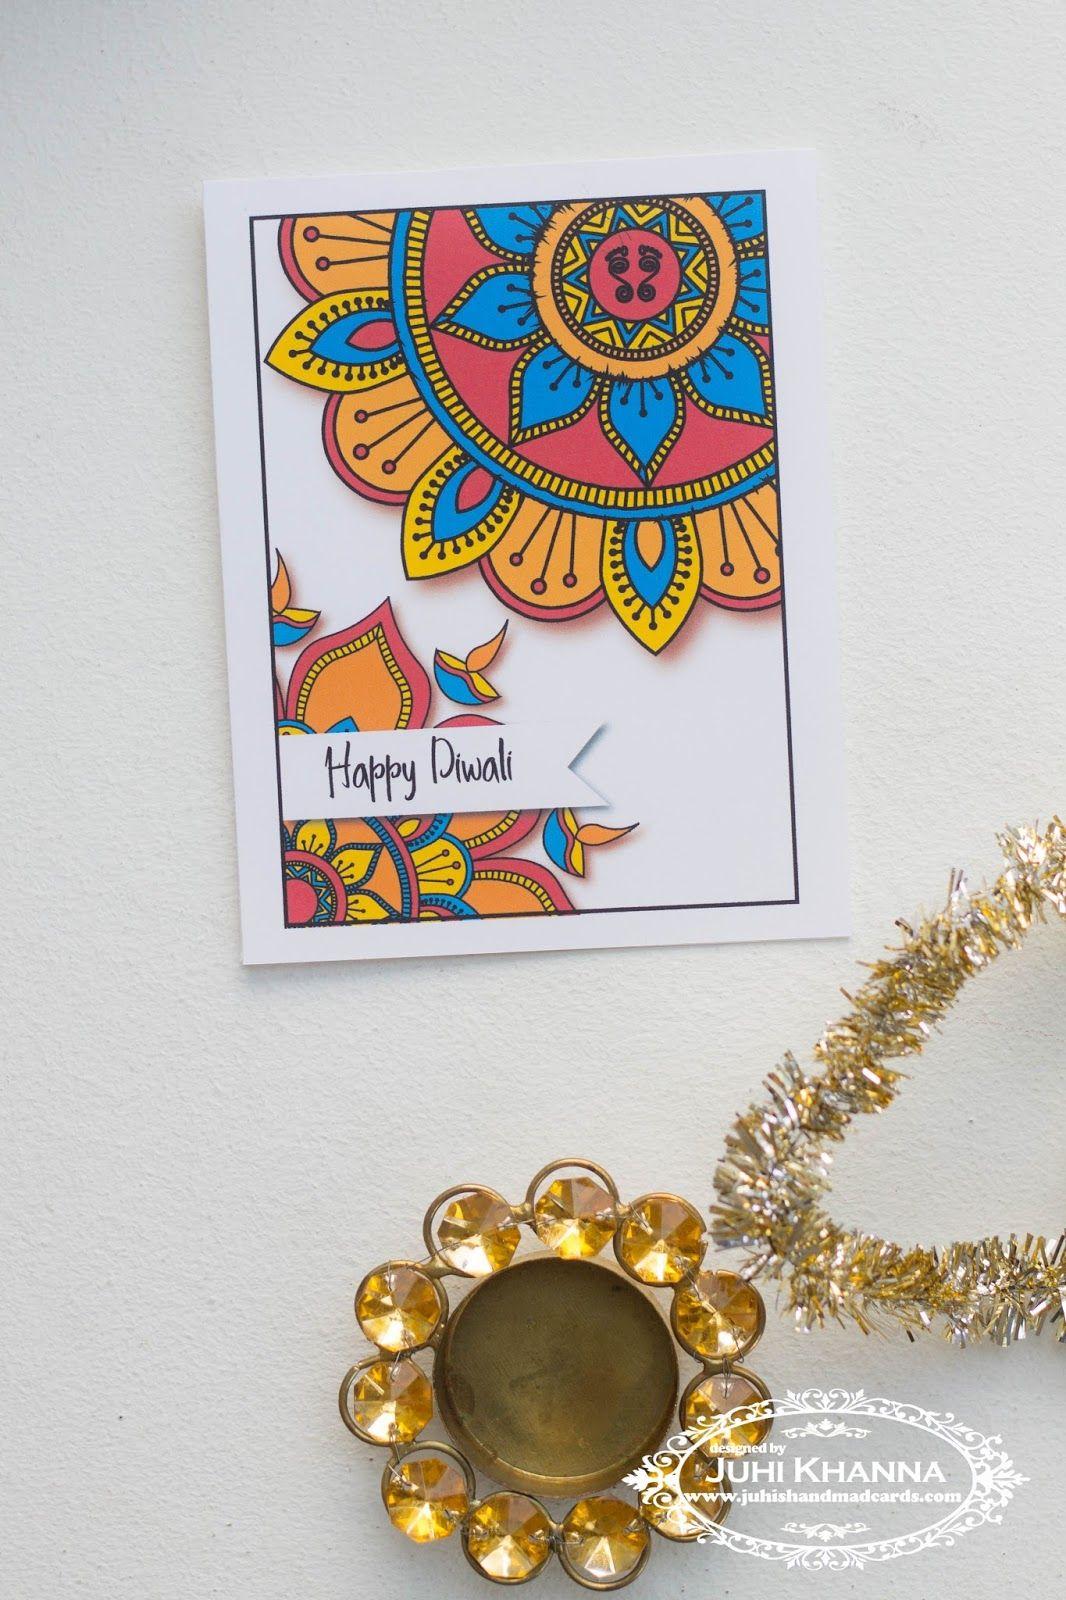 Free Printable Diwali Cards Greeting Cards Pinterest Diwali